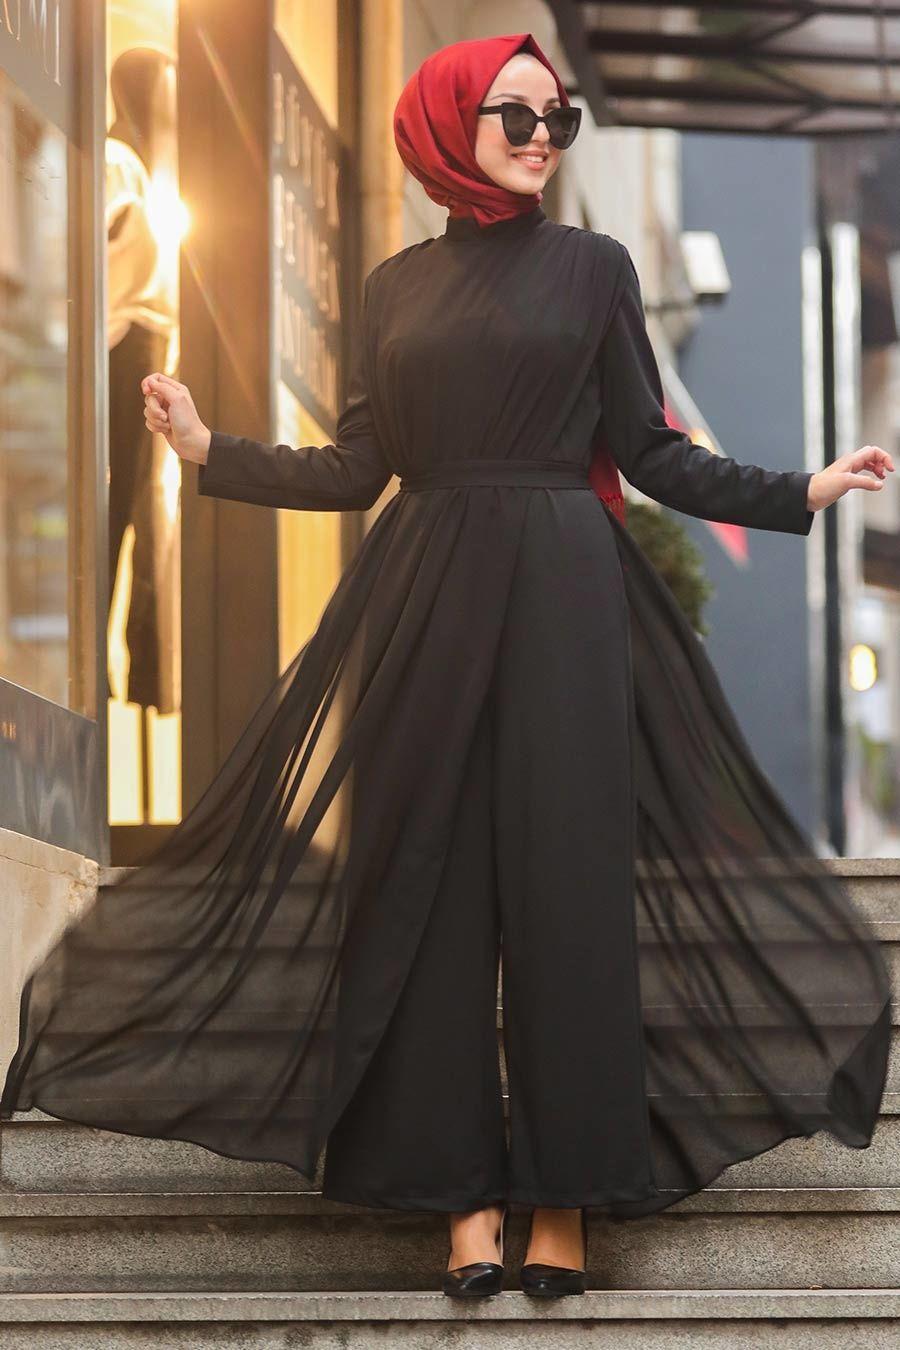 Tesetturlu Abiye Elbise Tullu Siyah Tesettur Abiye Tulum 51182s Tesetturisland Com 2020 Elbise Moda Stilleri The Dress